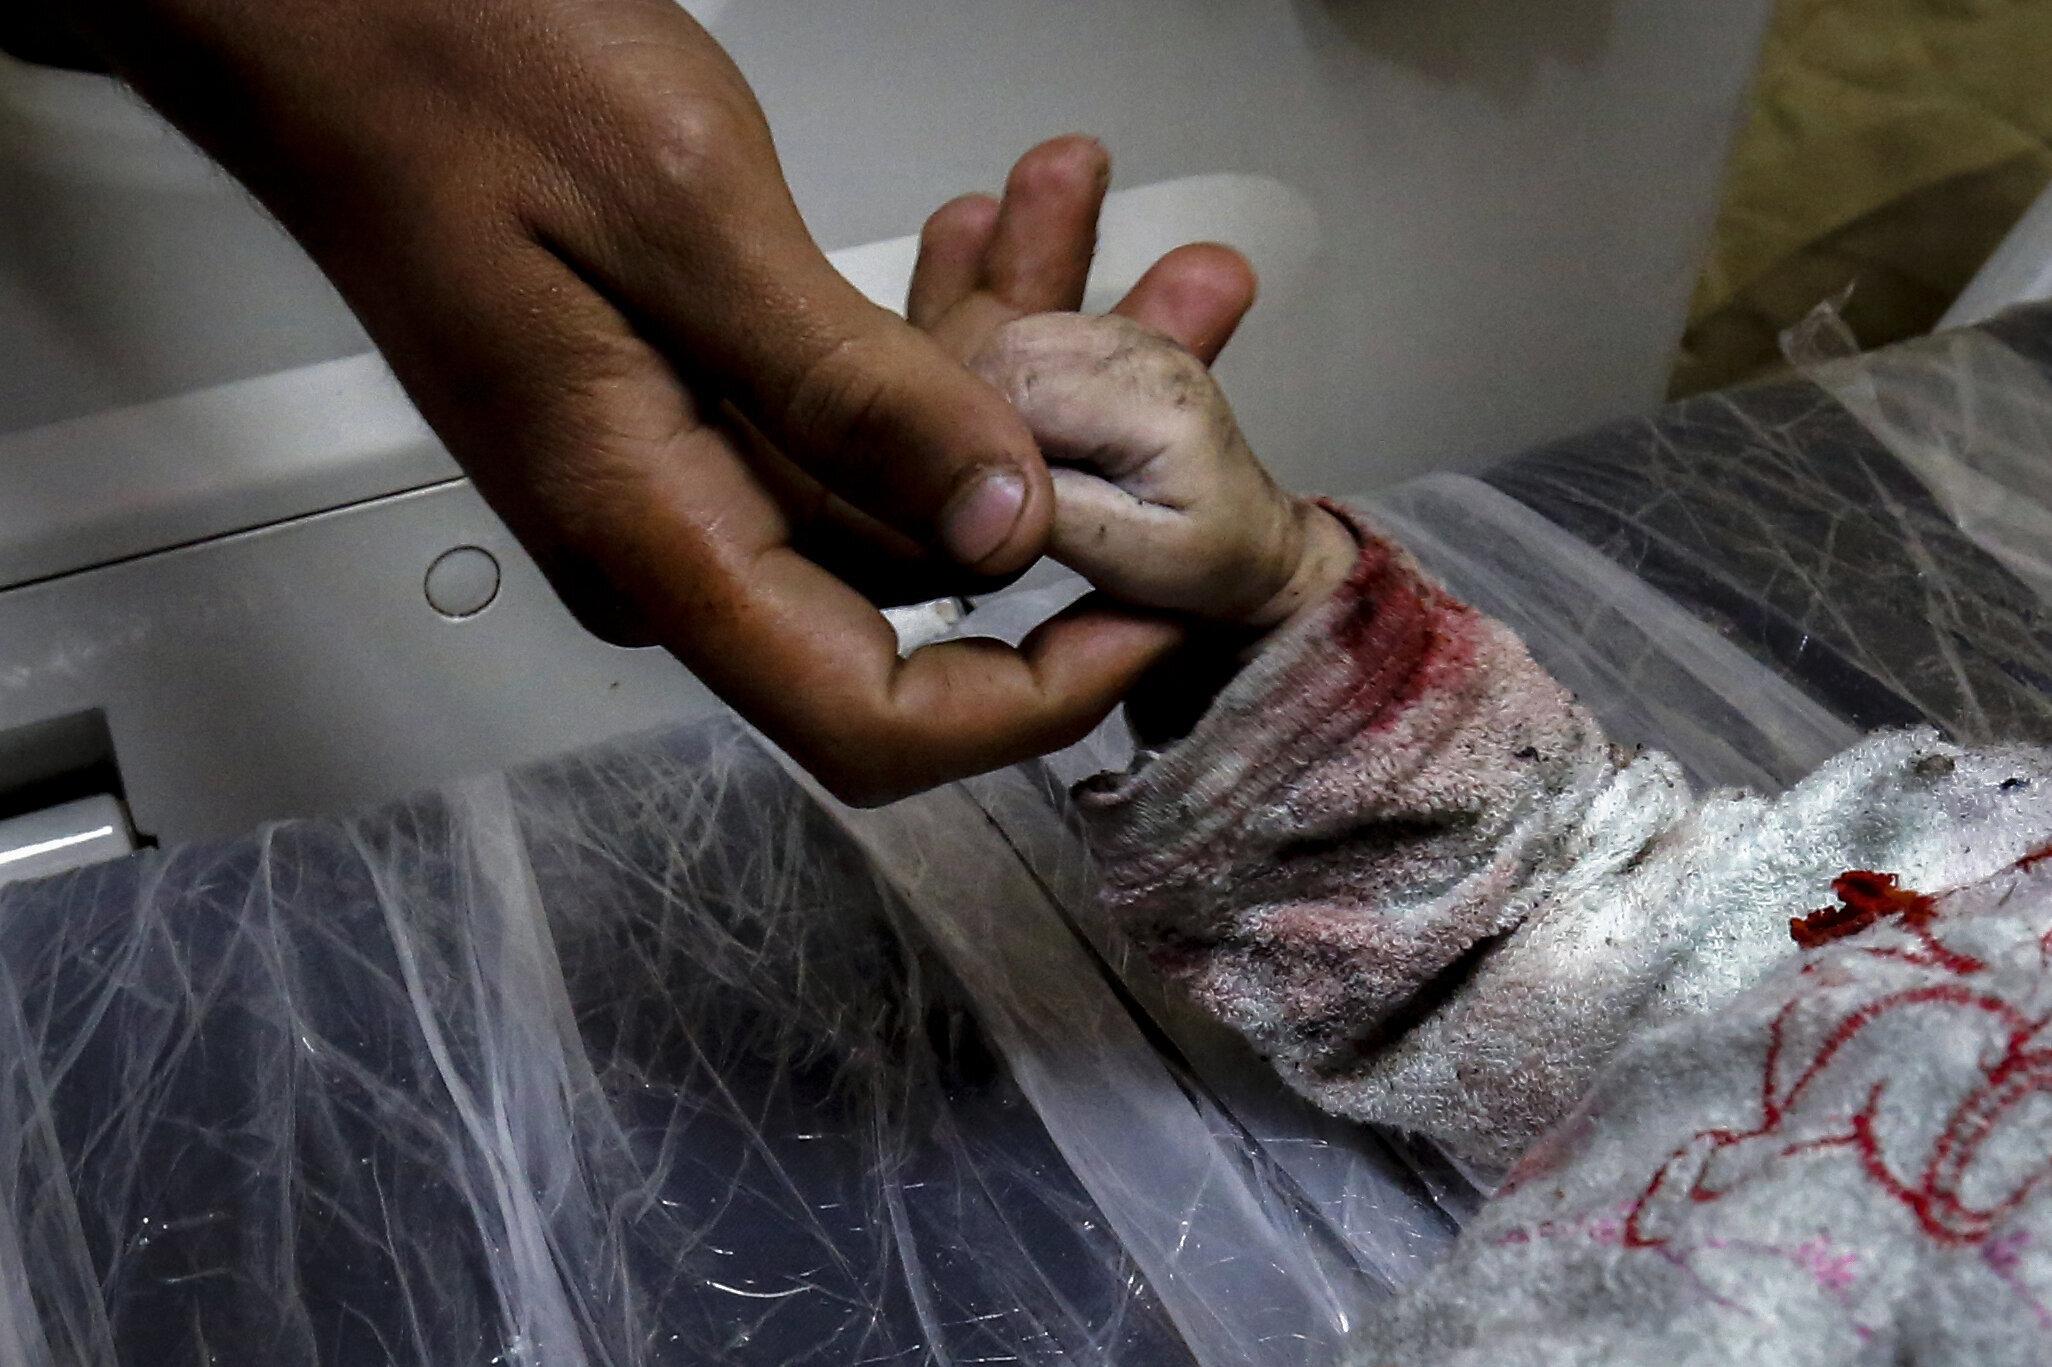 Hamás e Israel acuerdan un alto el fuego tras la última escalada de violencia, que deja 27